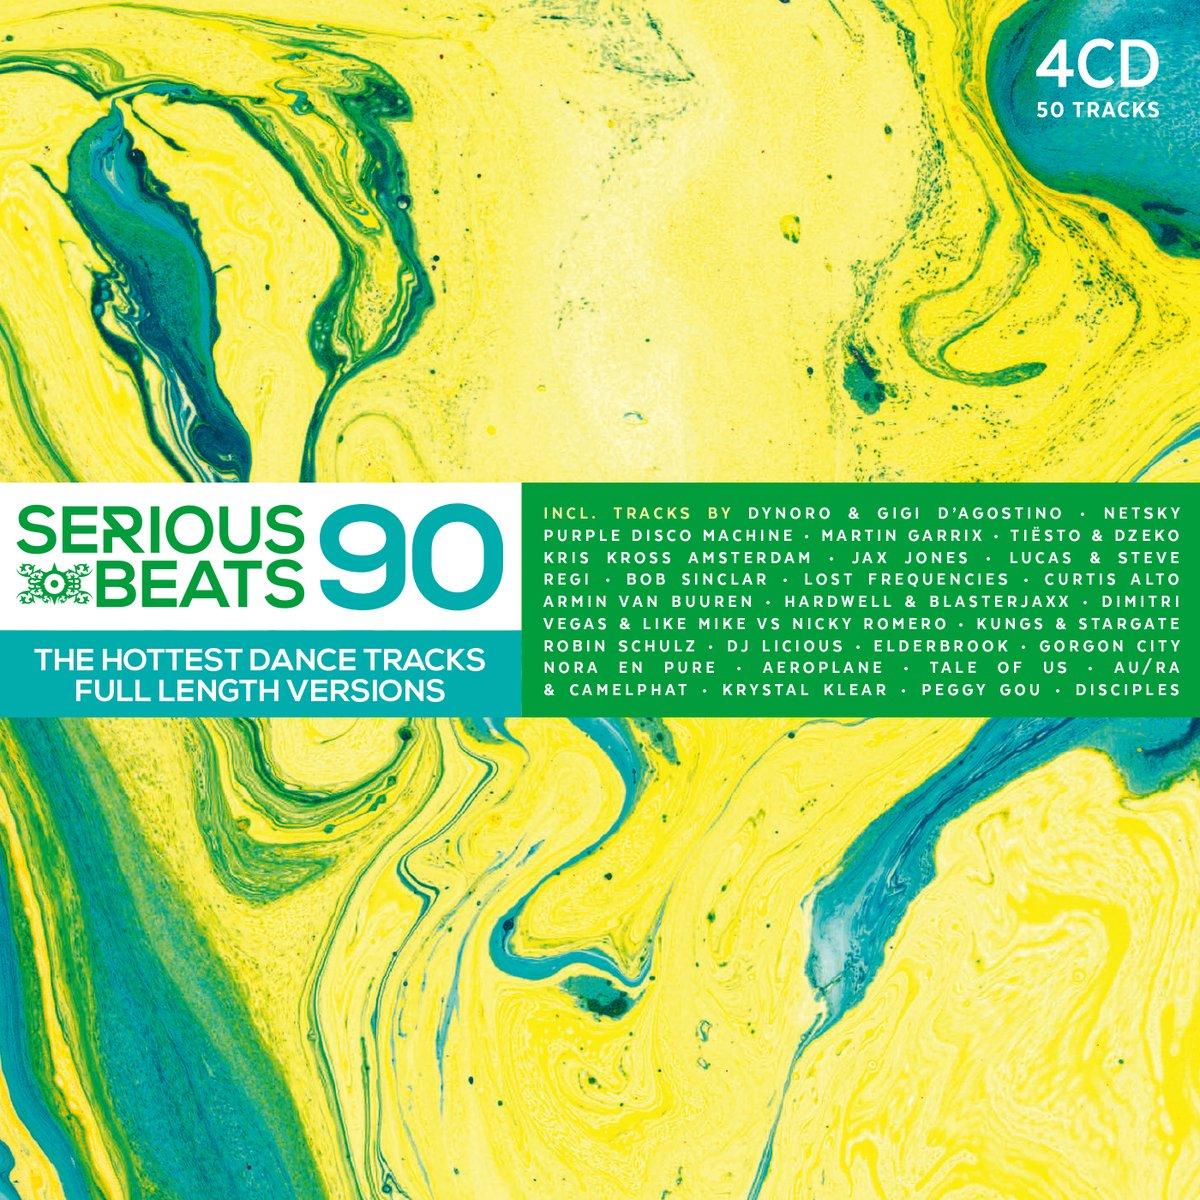 Image of VARIOUS ARTISTS - SERIOUS BEATS 90 (4CD)